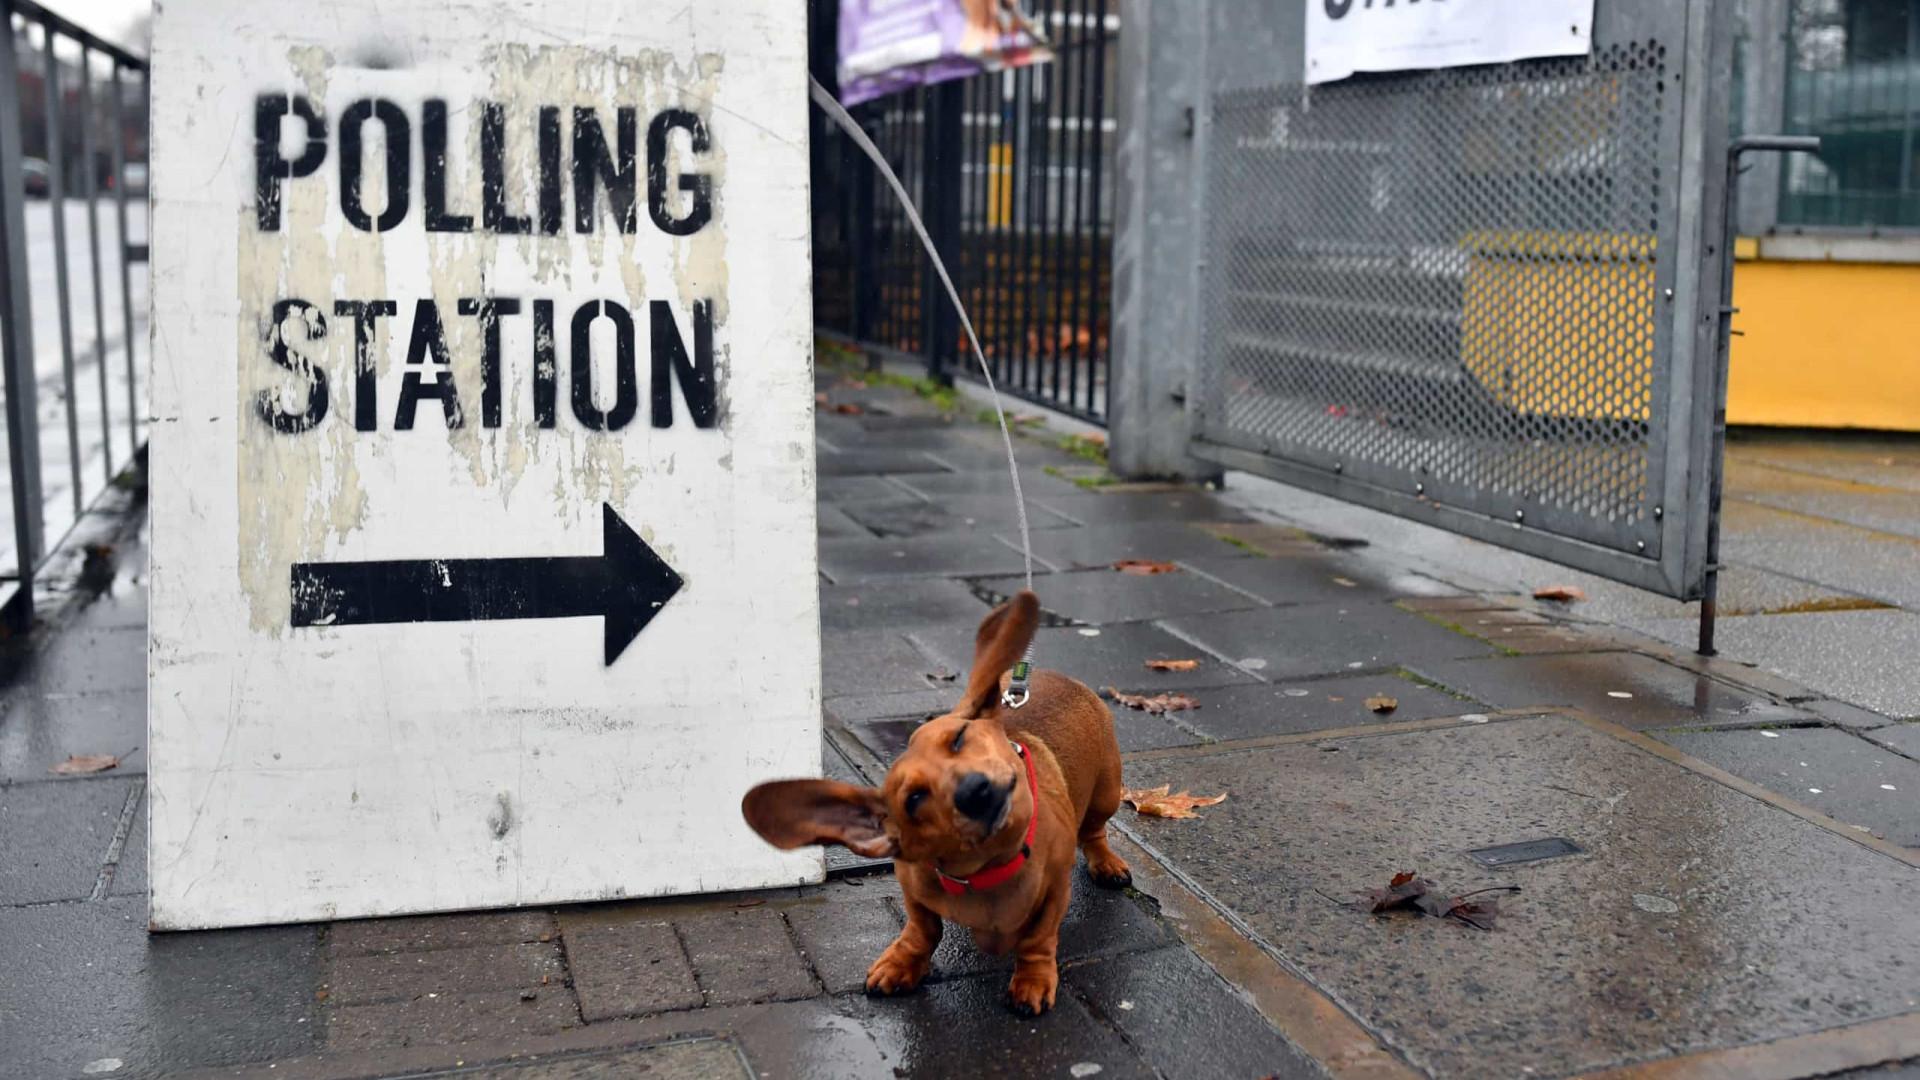 Eleitores de quatro patas saíram à rua no Reino Unido para votar